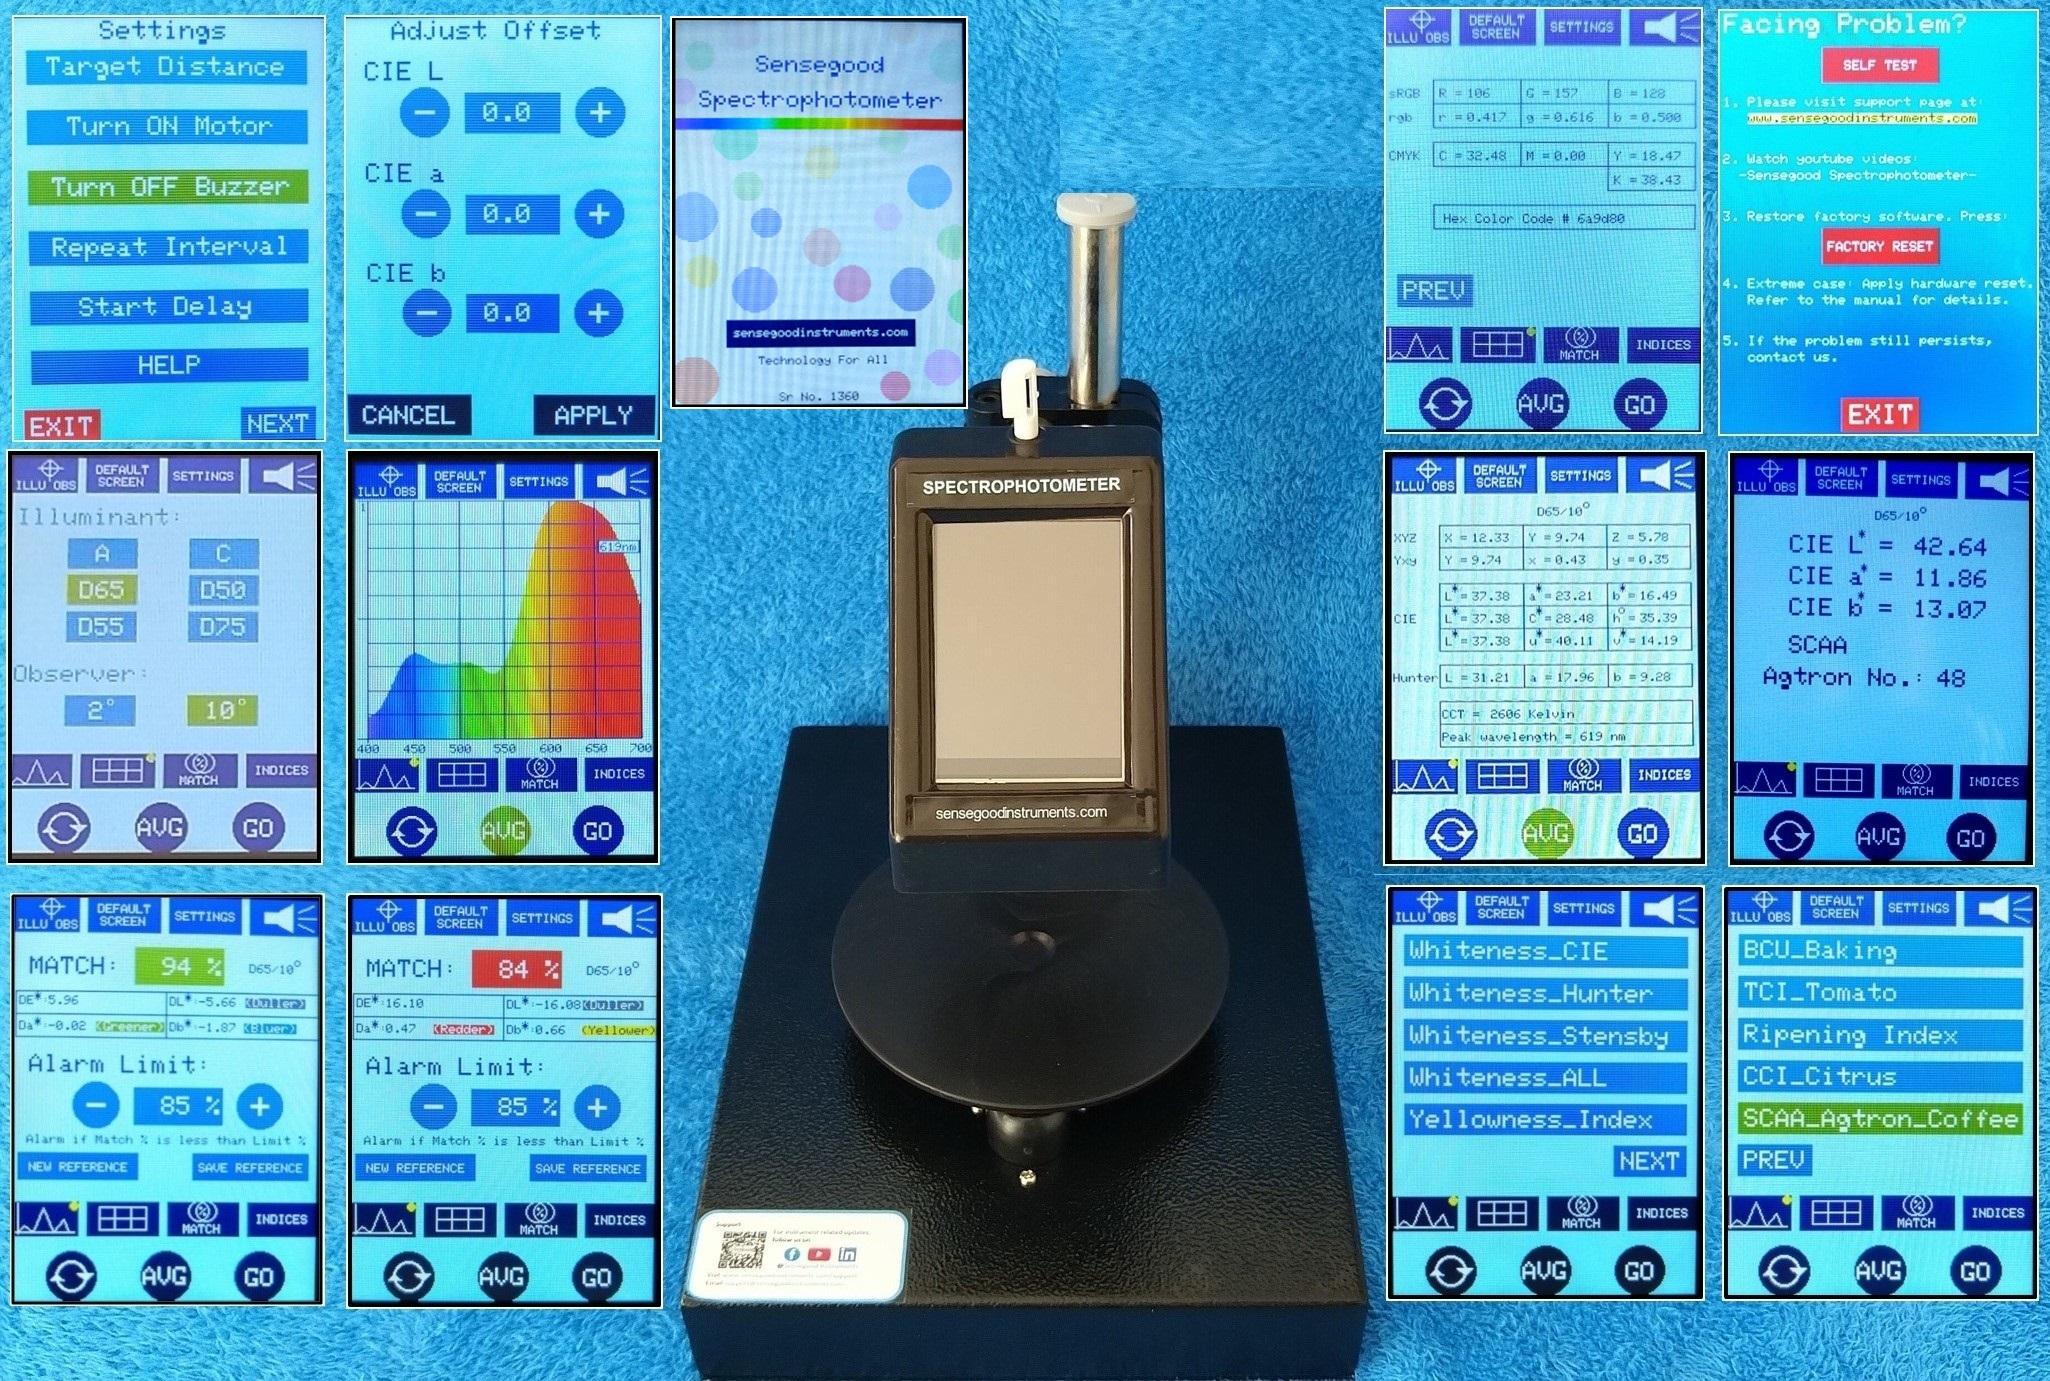 Sensegood Spectrophotometer For Color Measurement